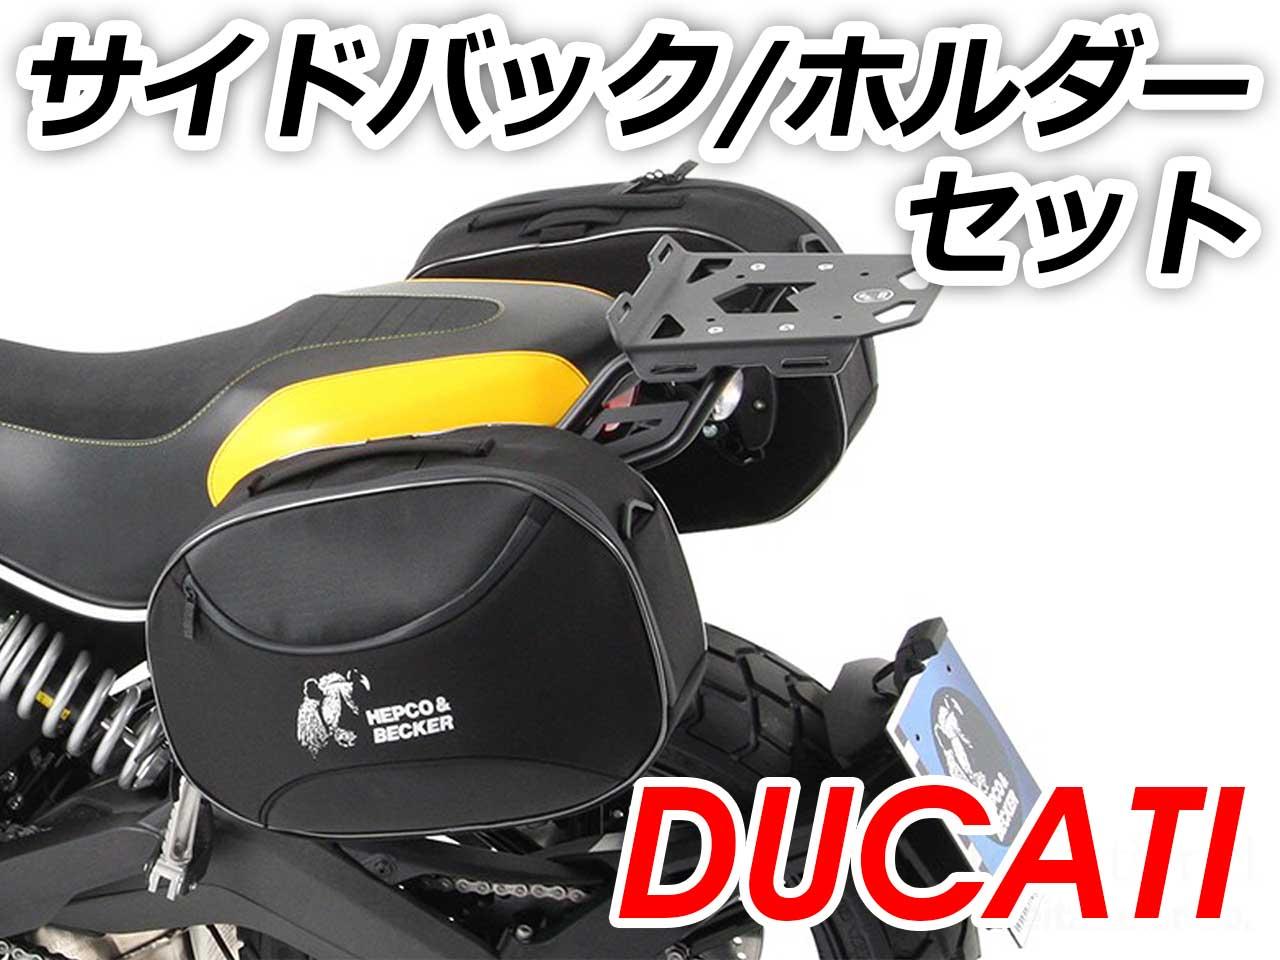 DUCATI用 ヘプコ&ベッカー ホルダー+バックセット C-Bow + StreetNEO / Royster / Orbit